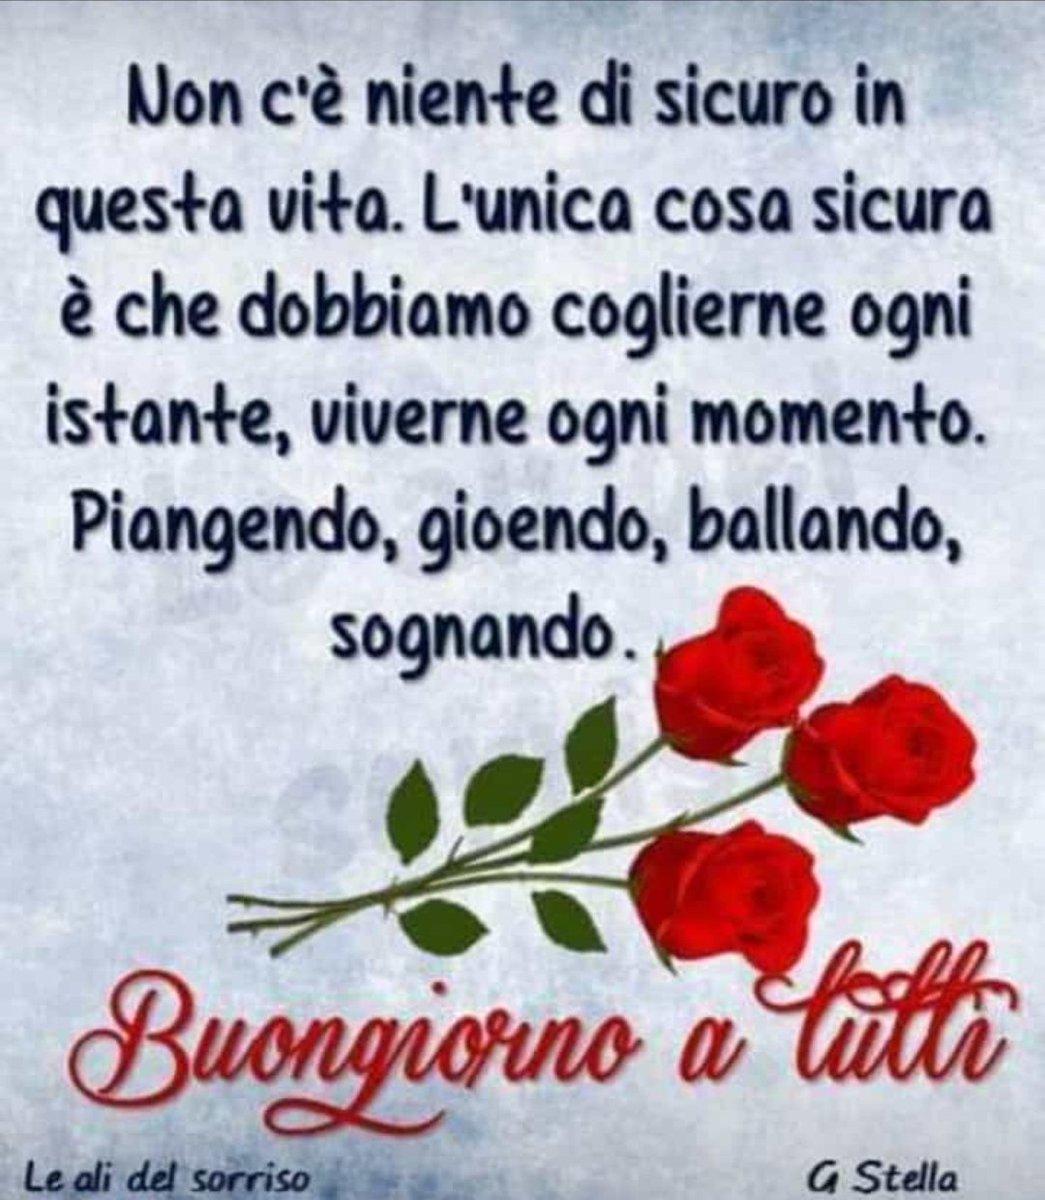 Piera Toninelli On Twitter Buongiorno Buon Sabato Anche A